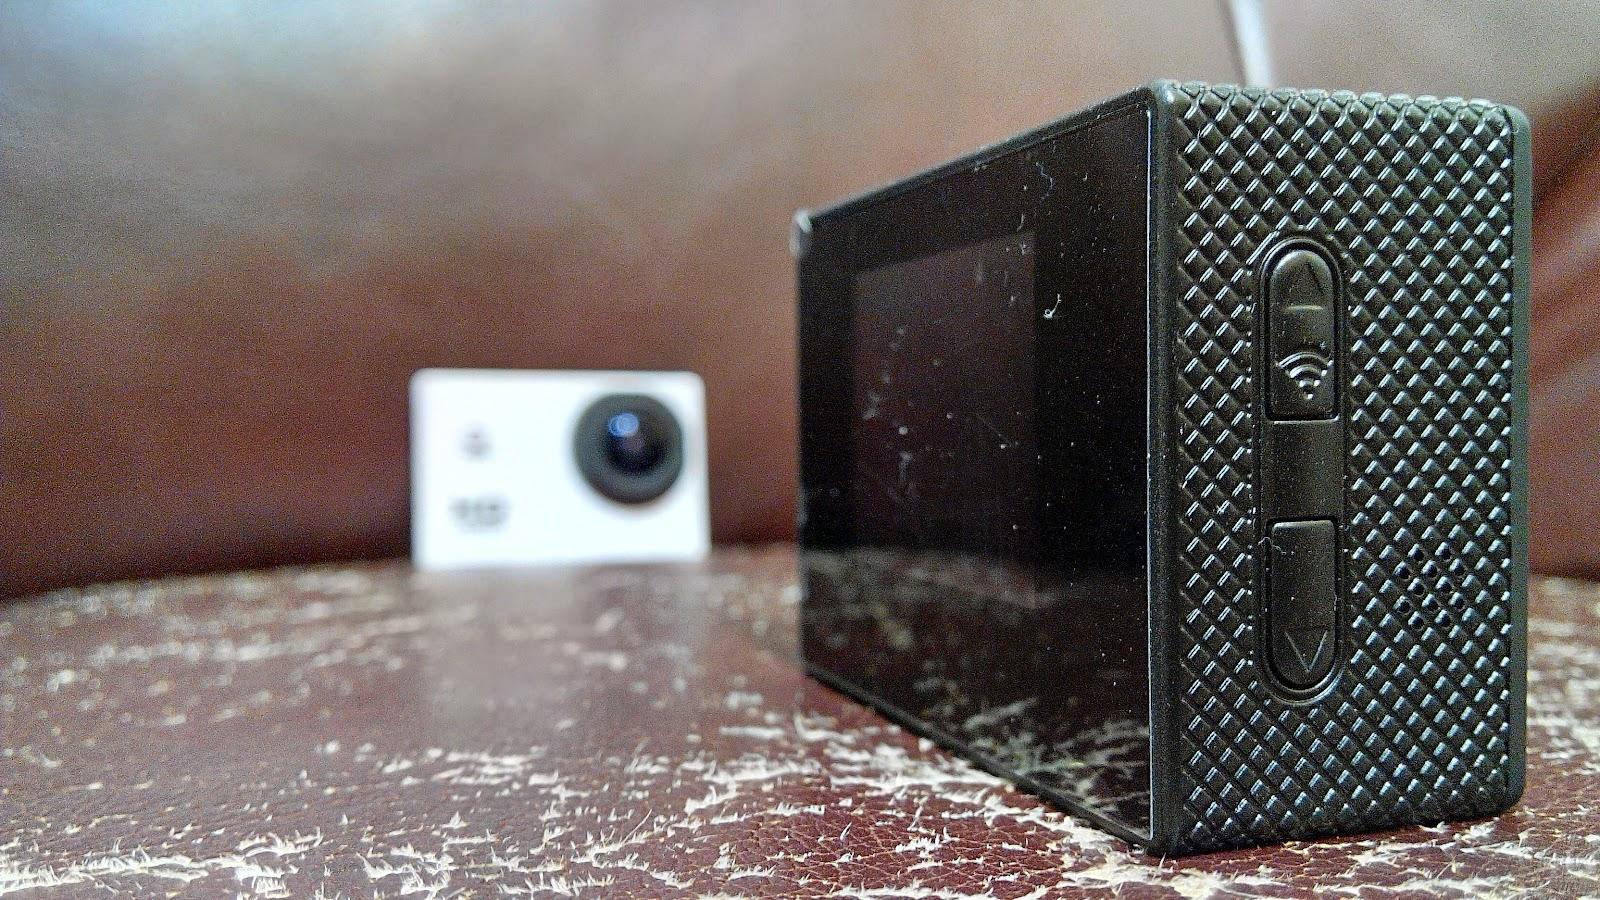 sj4000 wifi 版